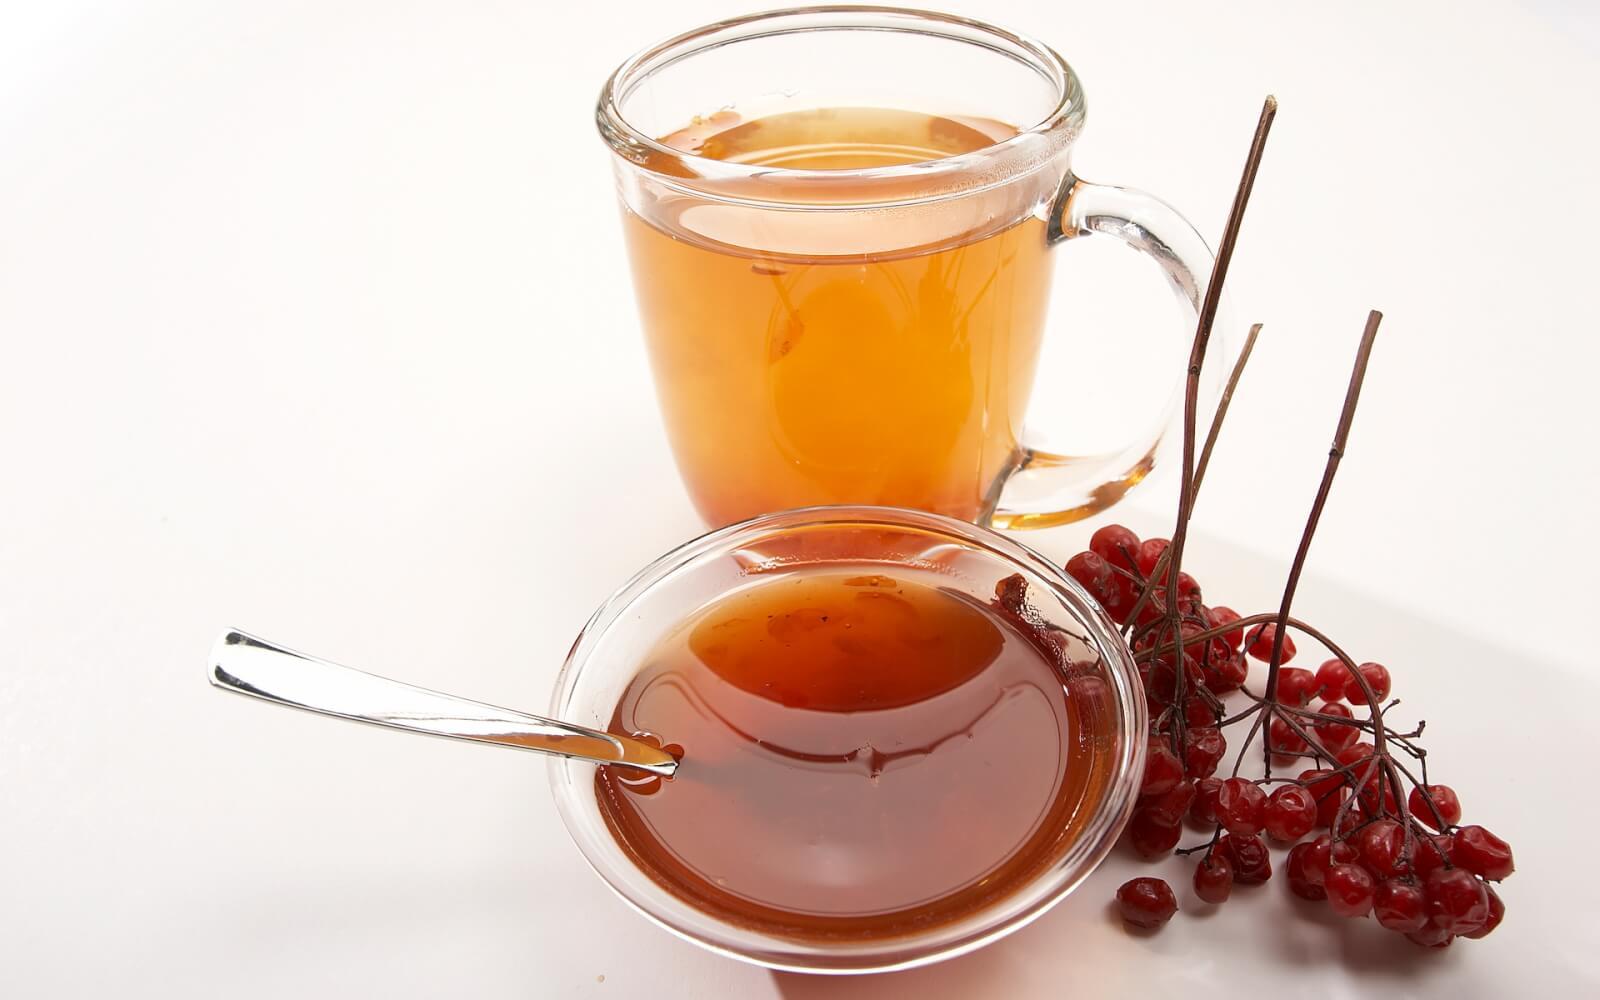 Можно ли добавлять мед в горячий чай: почему нельзя и какой вред возможен, как правильно пить напиток чтобы он принес пользу